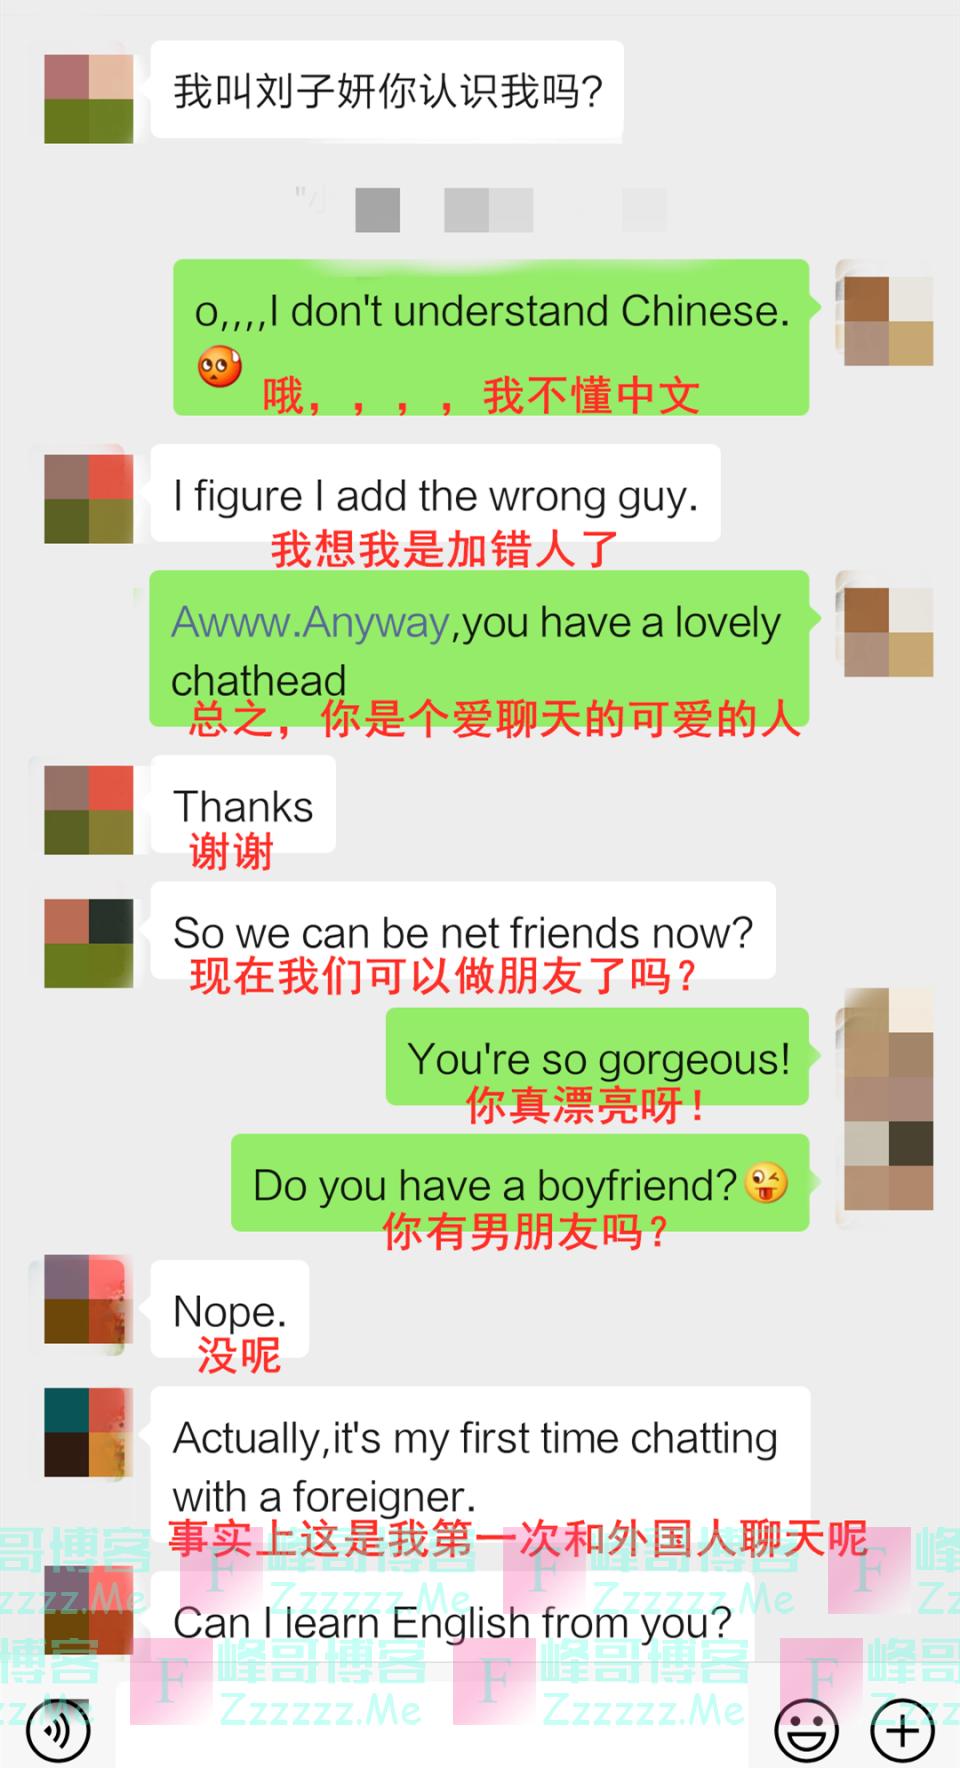 当茶叶女偶遇外国人!全程飙英语,最后有文化的茶叶女爆粗口了!